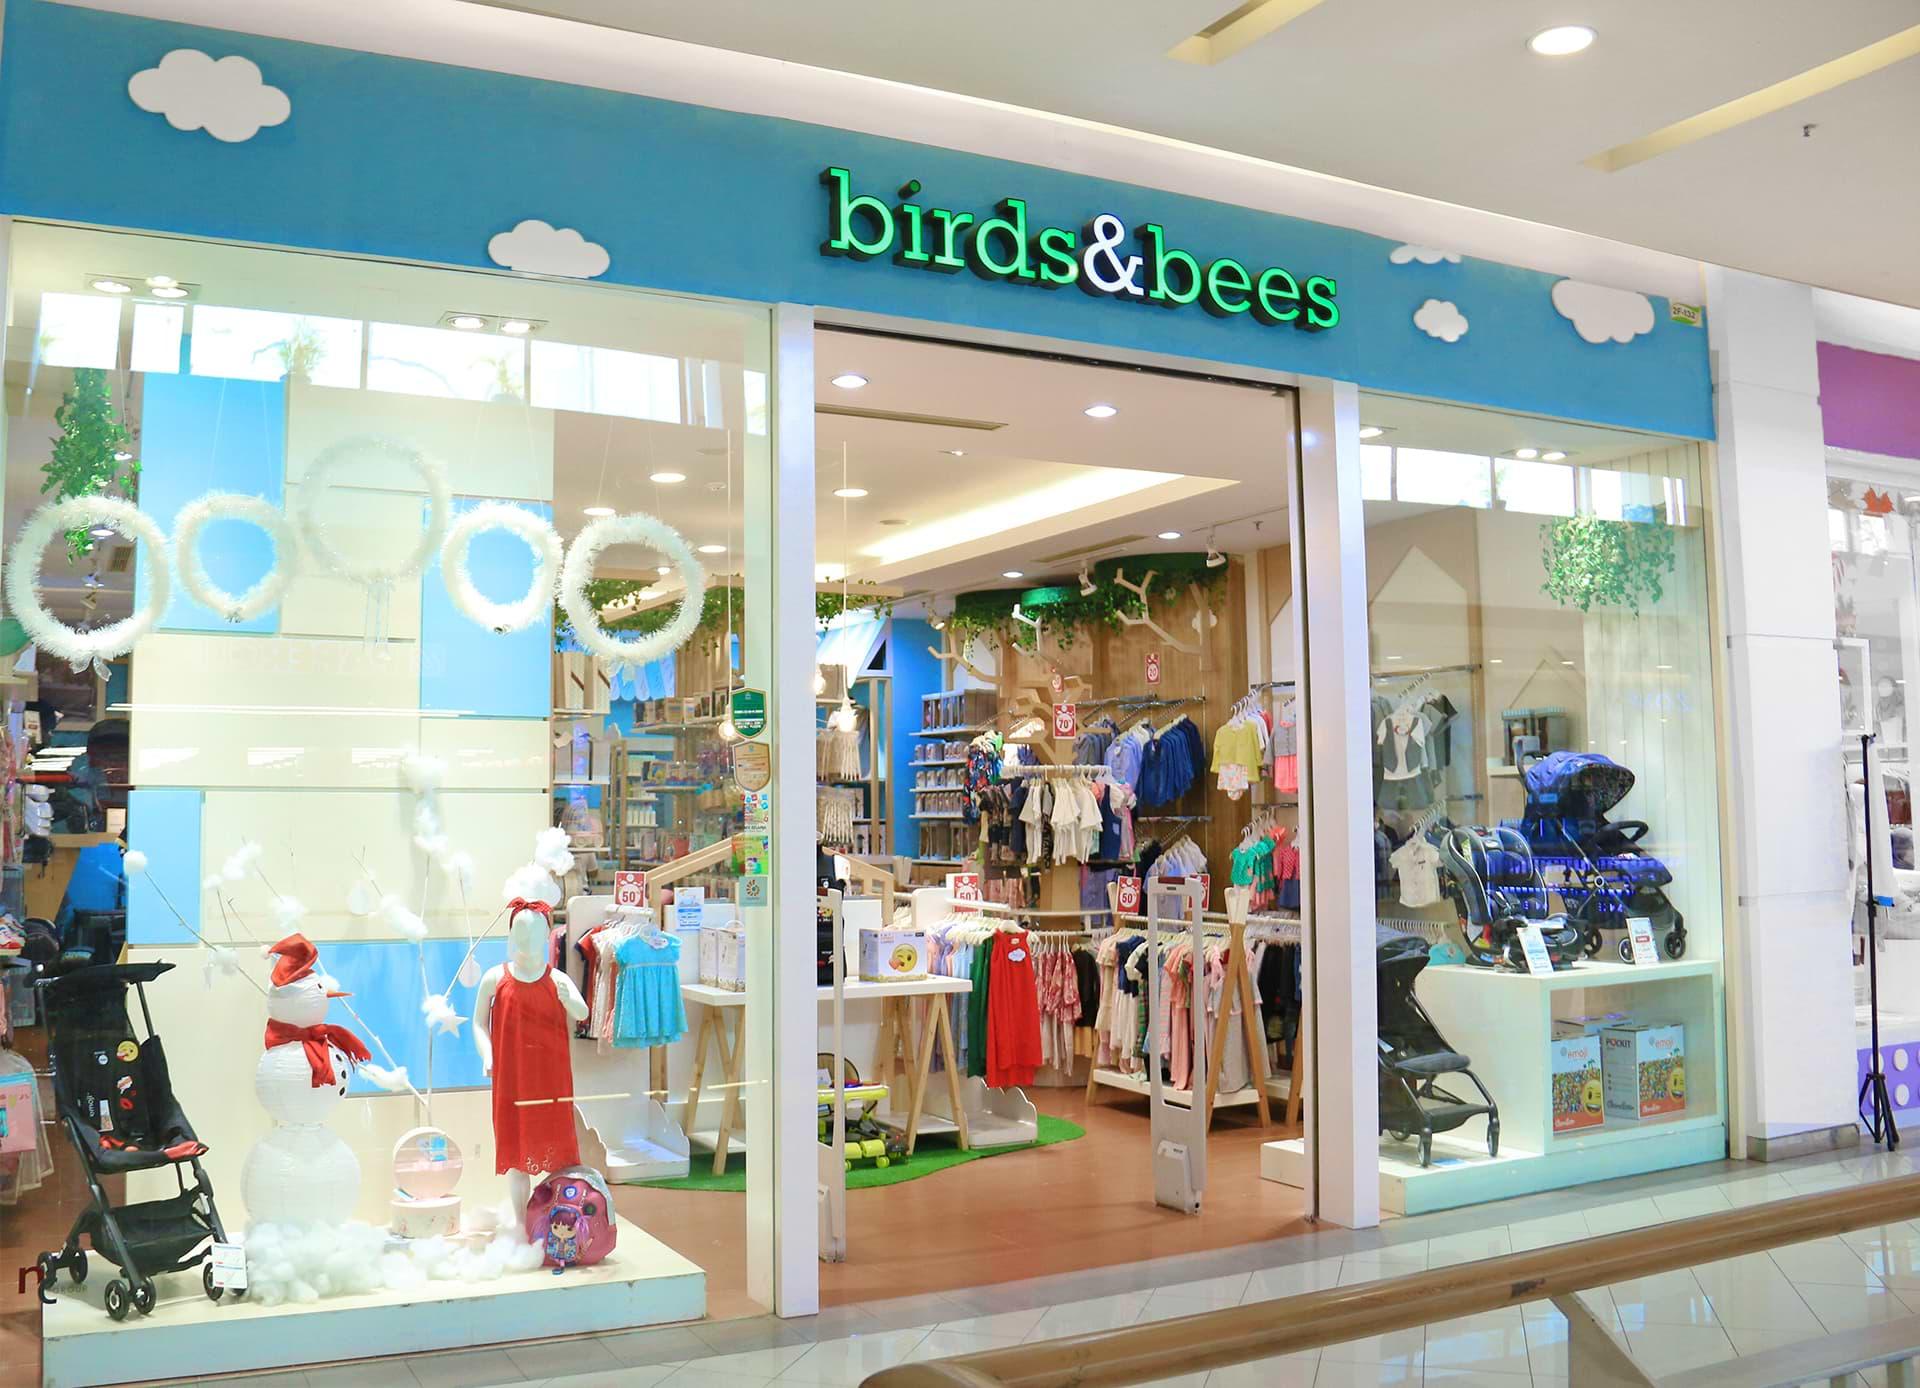 Toko Jual Baju Perlengkapan Anak Bayi Murah - Birds&Bees Baby Shop